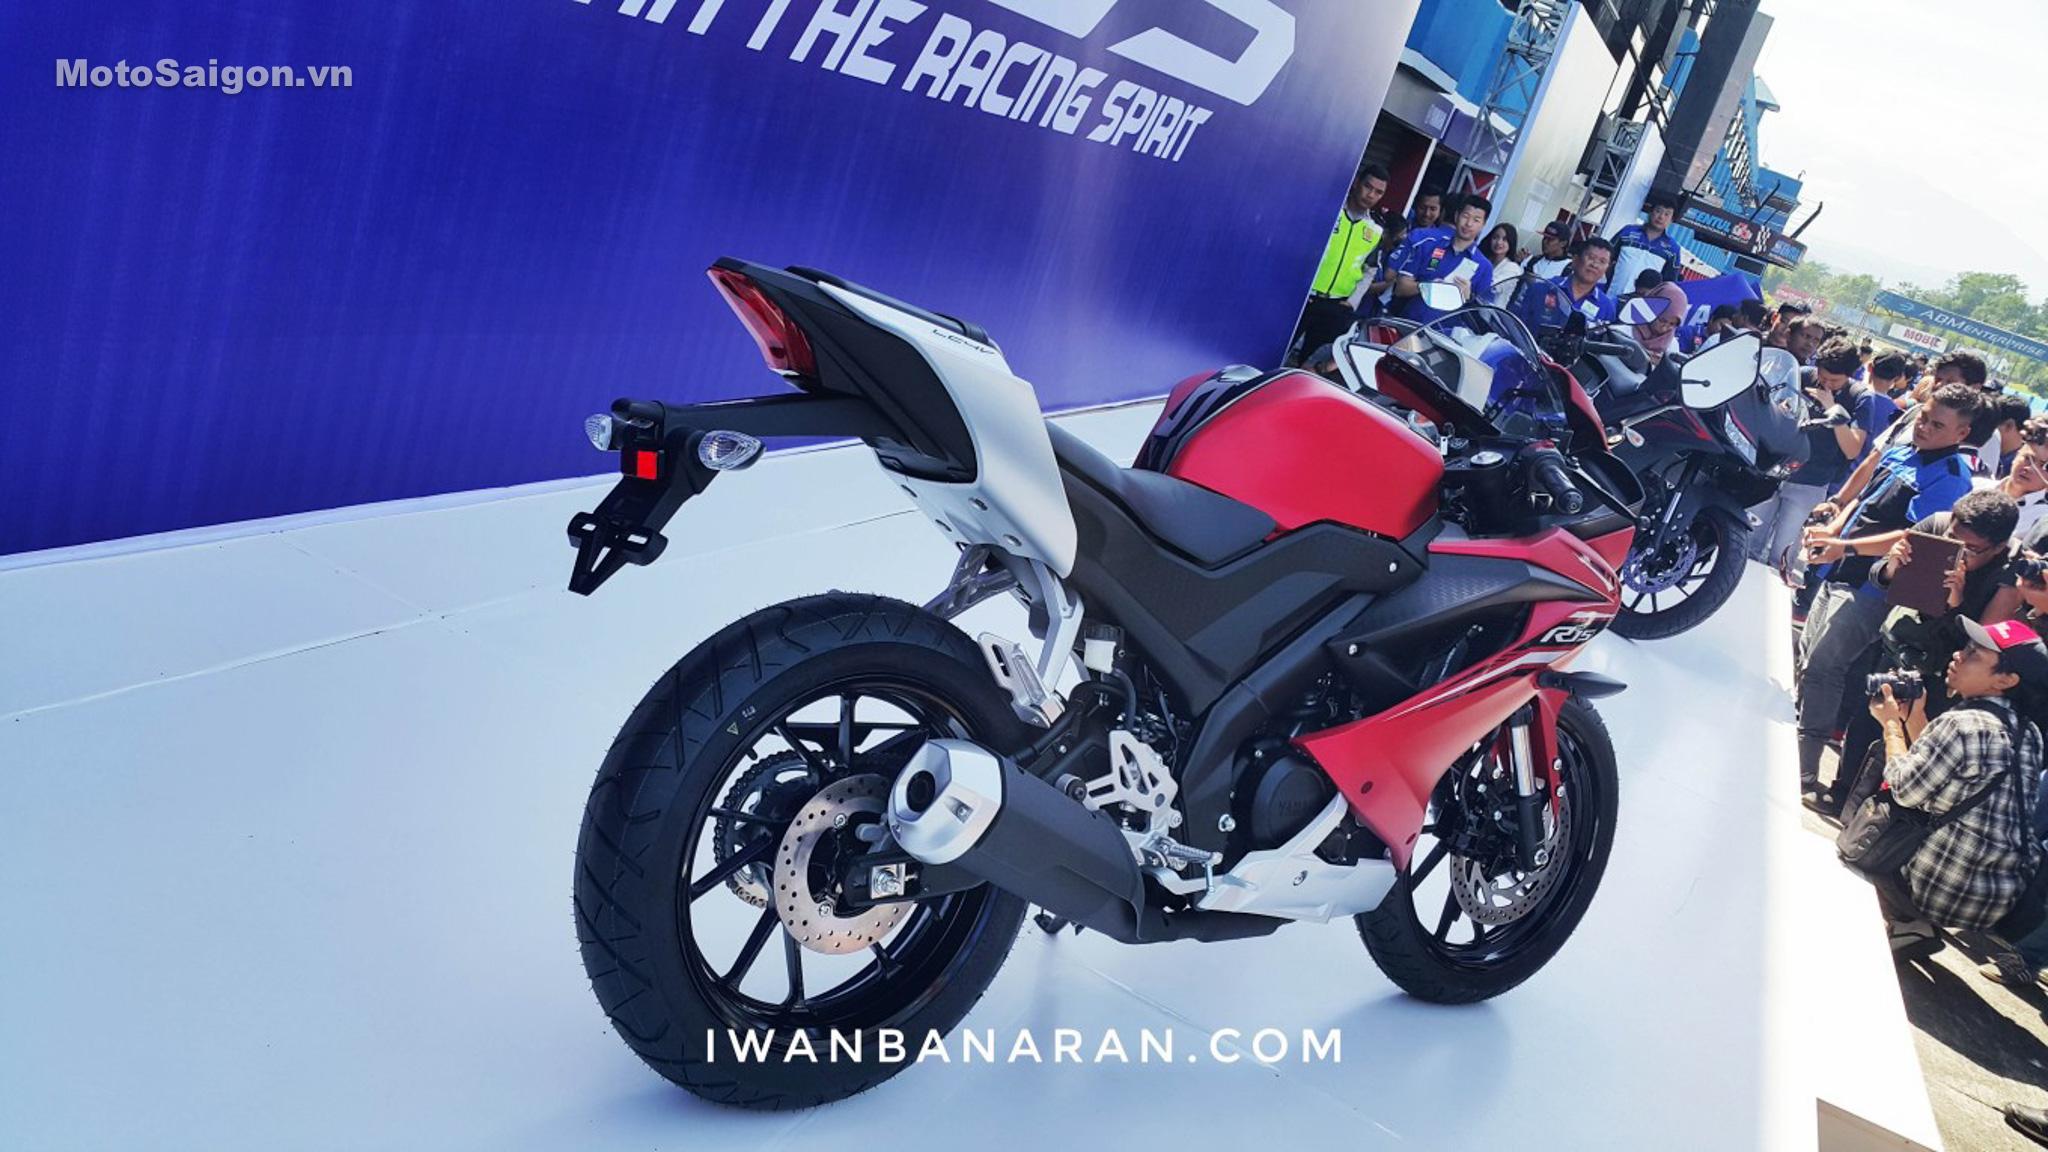 danh-gia-xe-yamaha-r15-v3-2017-hinh-anh-motosaigon-3